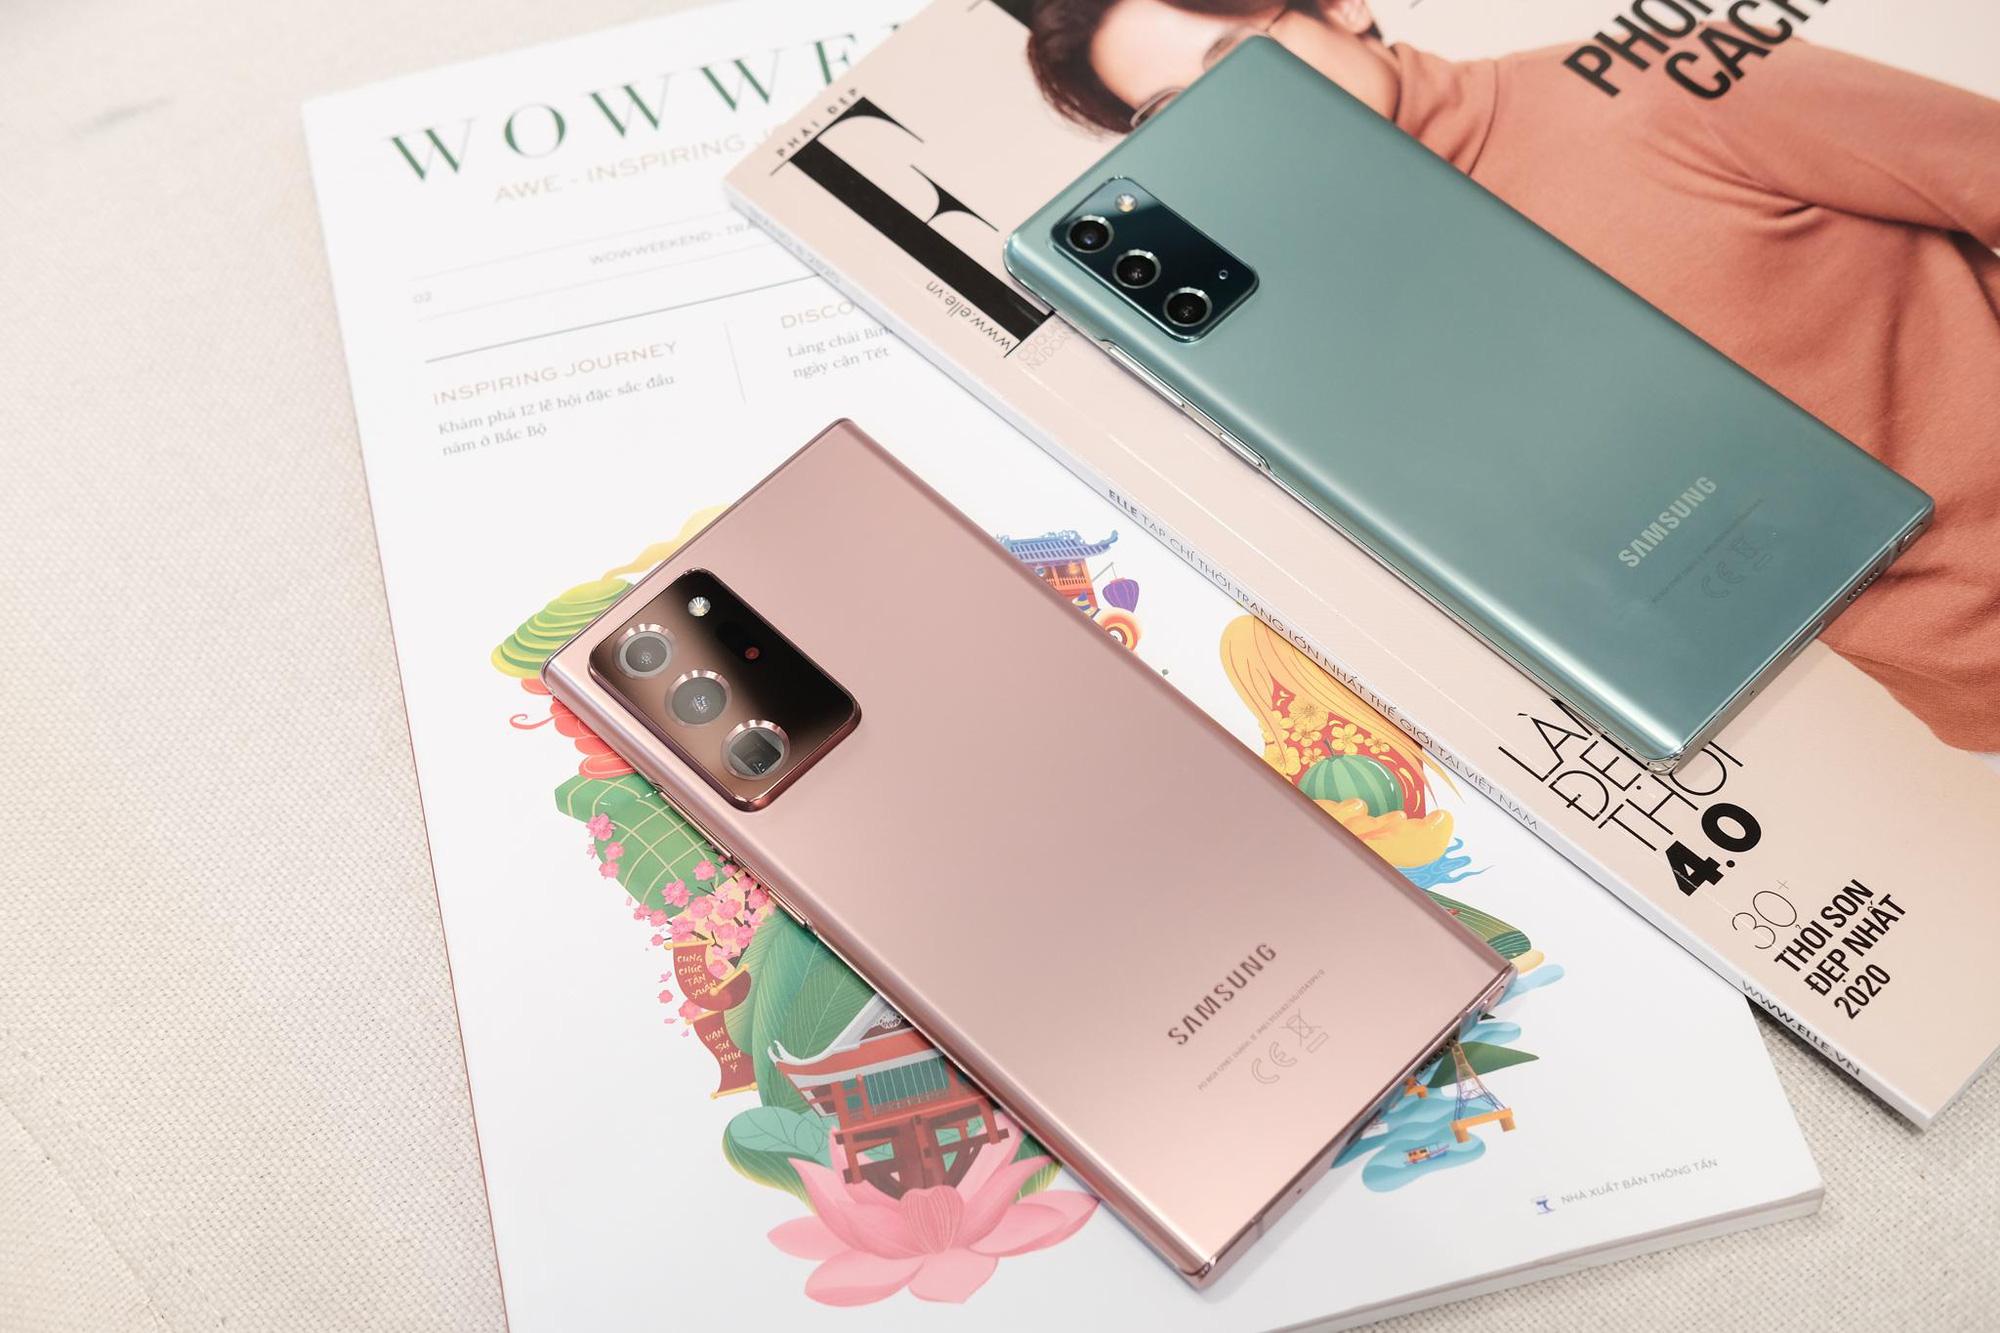 Nhìn lại màn ra mắt siêu phẩm Galaxy Note20: Sẵn sàng đưa thế giới bước vào kỷ nguyên 5G - Ảnh 1.